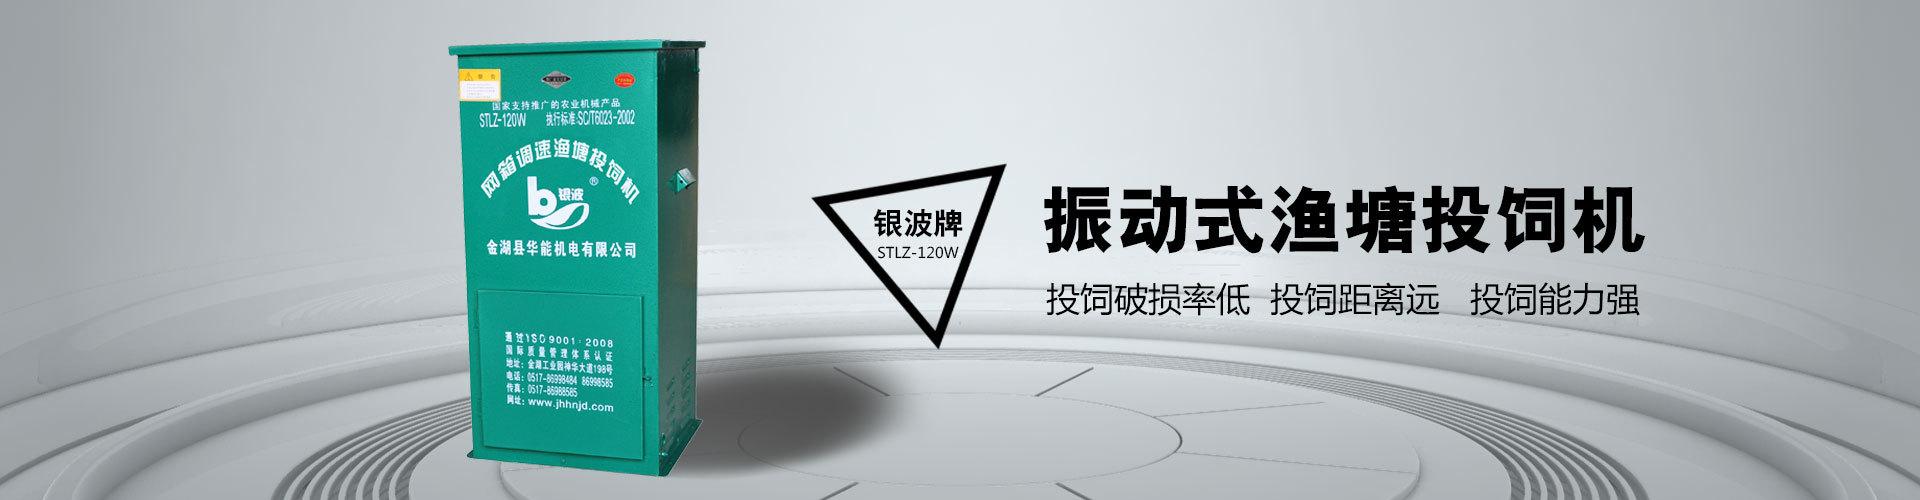 Aerator manufacturers